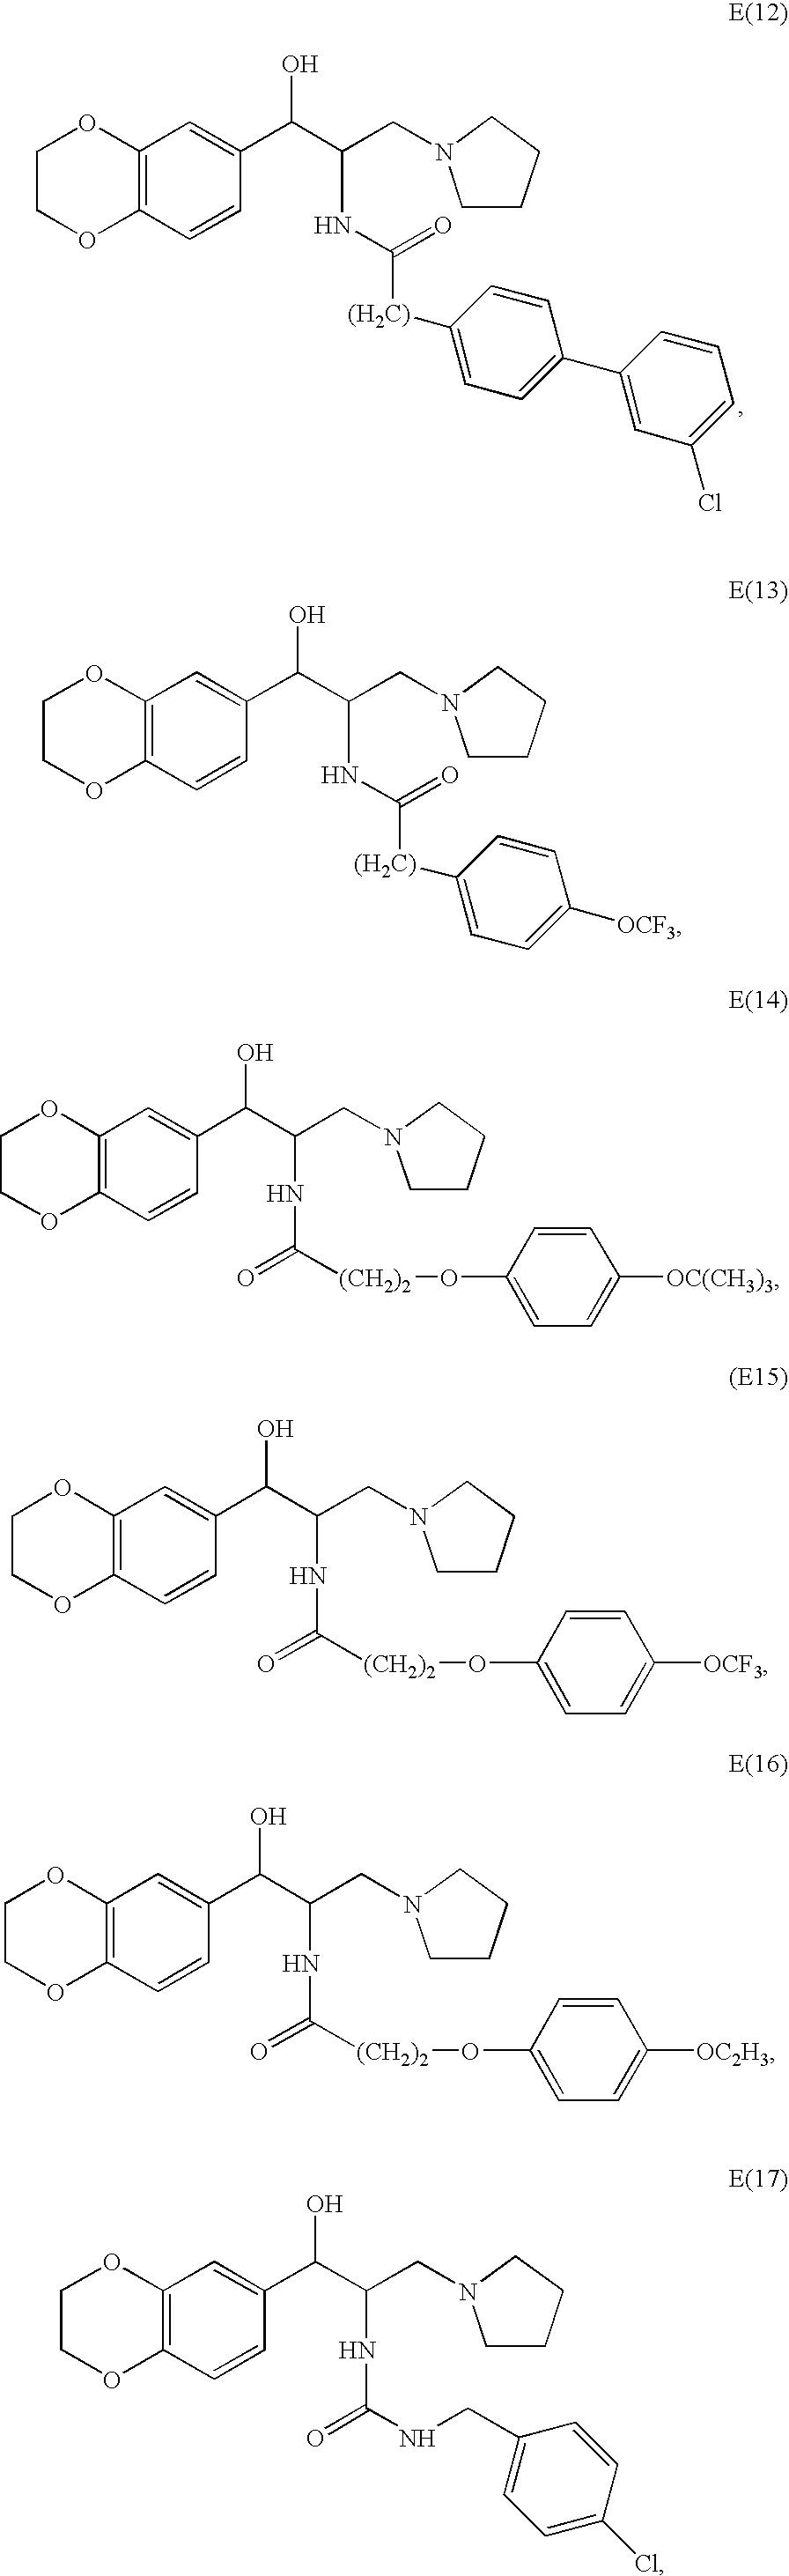 Figure US08304447-20121106-C00037